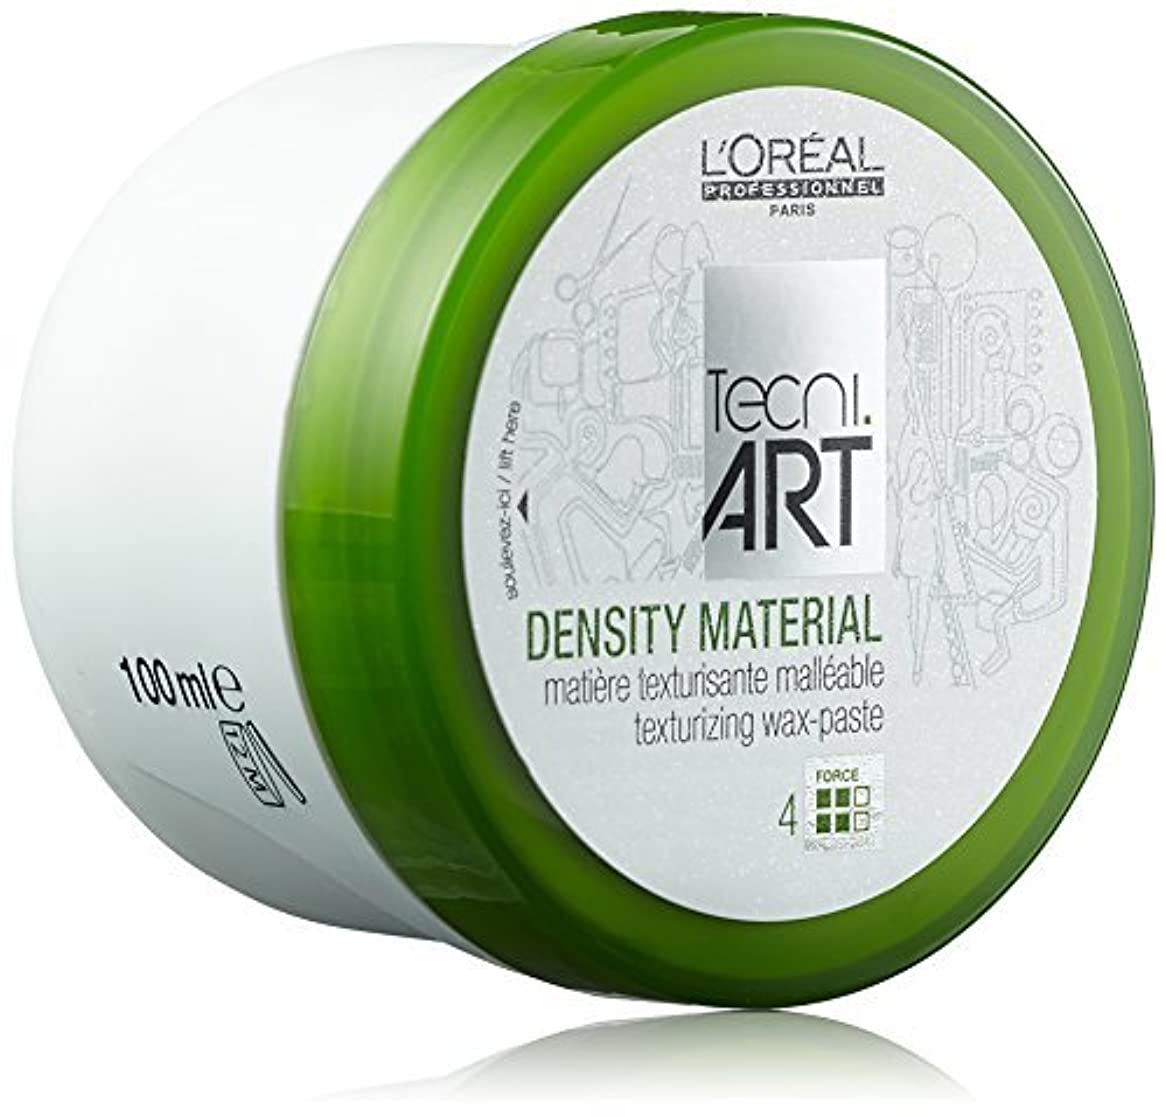 裂け目セグメント不機嫌そうなL'Oreal Professionnel Tecni.Art Play Ball Density Material 100ml/3.4oz by L'oreal [並行輸入品]